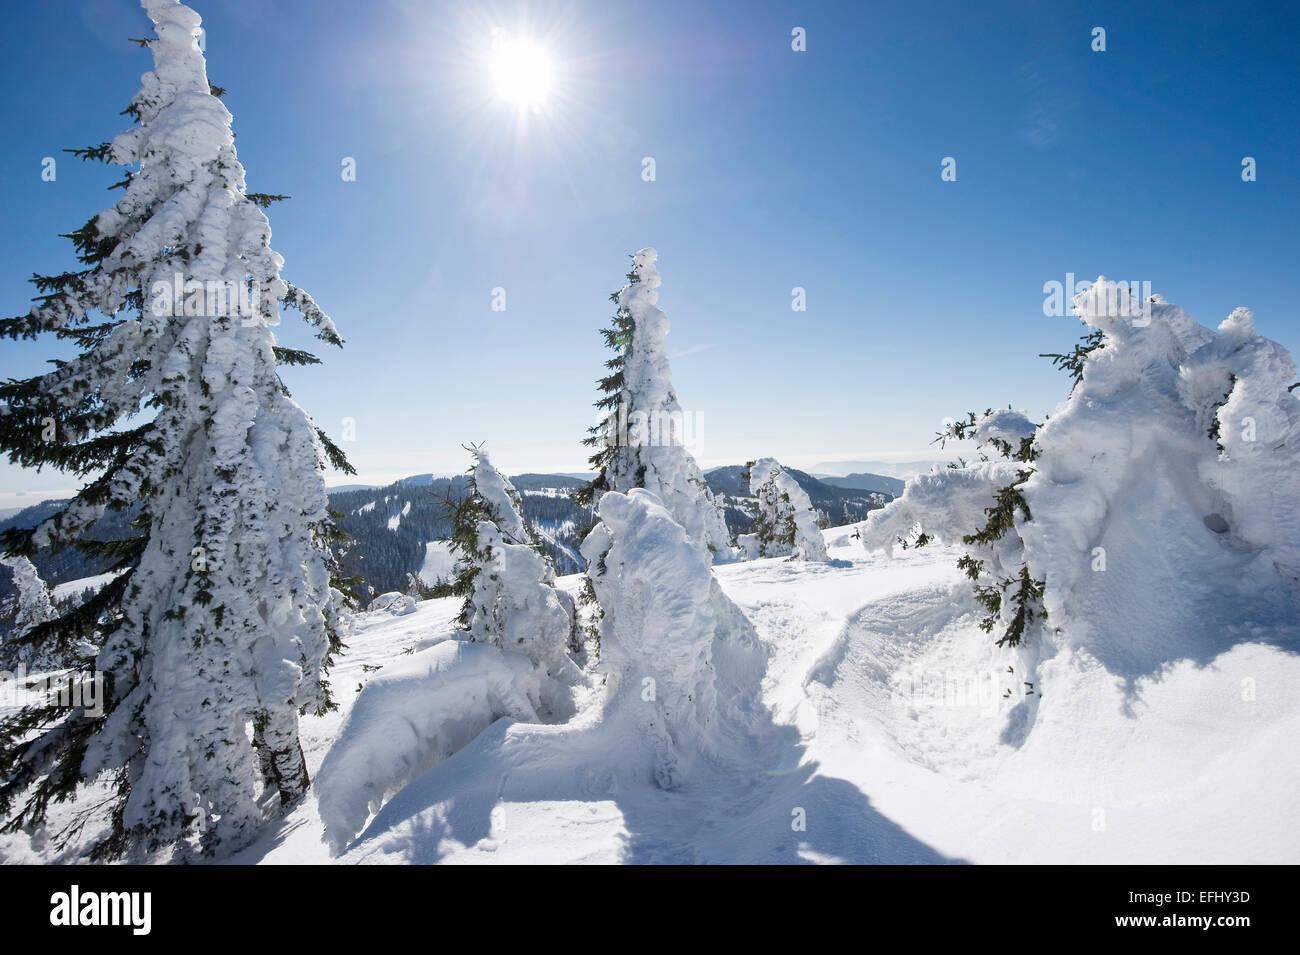 Snow covered fir trees, Feldberg, Black Forest, Baden-Wuerttemberg, Germany - Stock Image